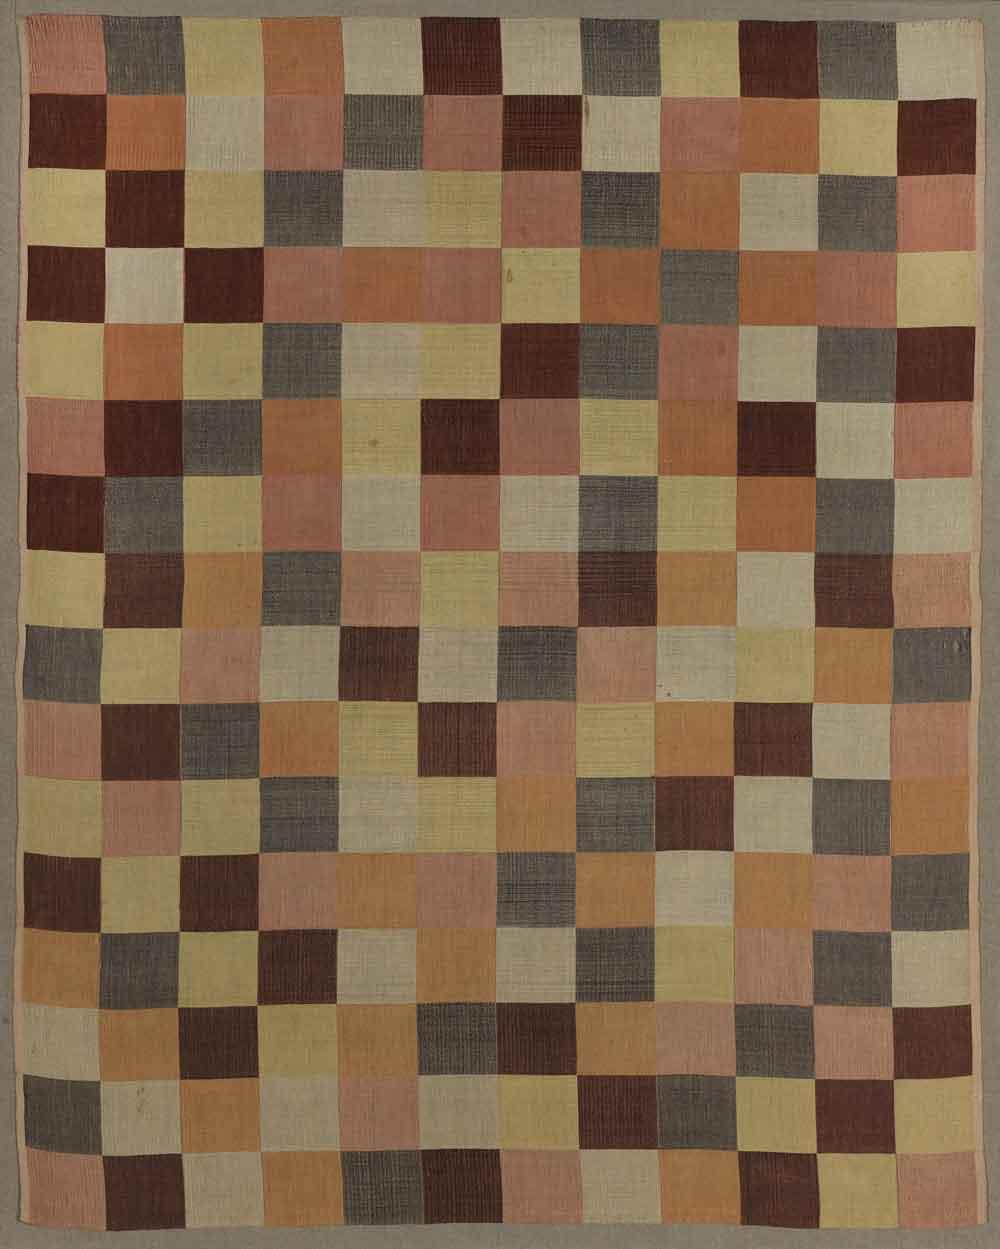 Bauhaus tiles tile design ideas - Wandbehang modern ...